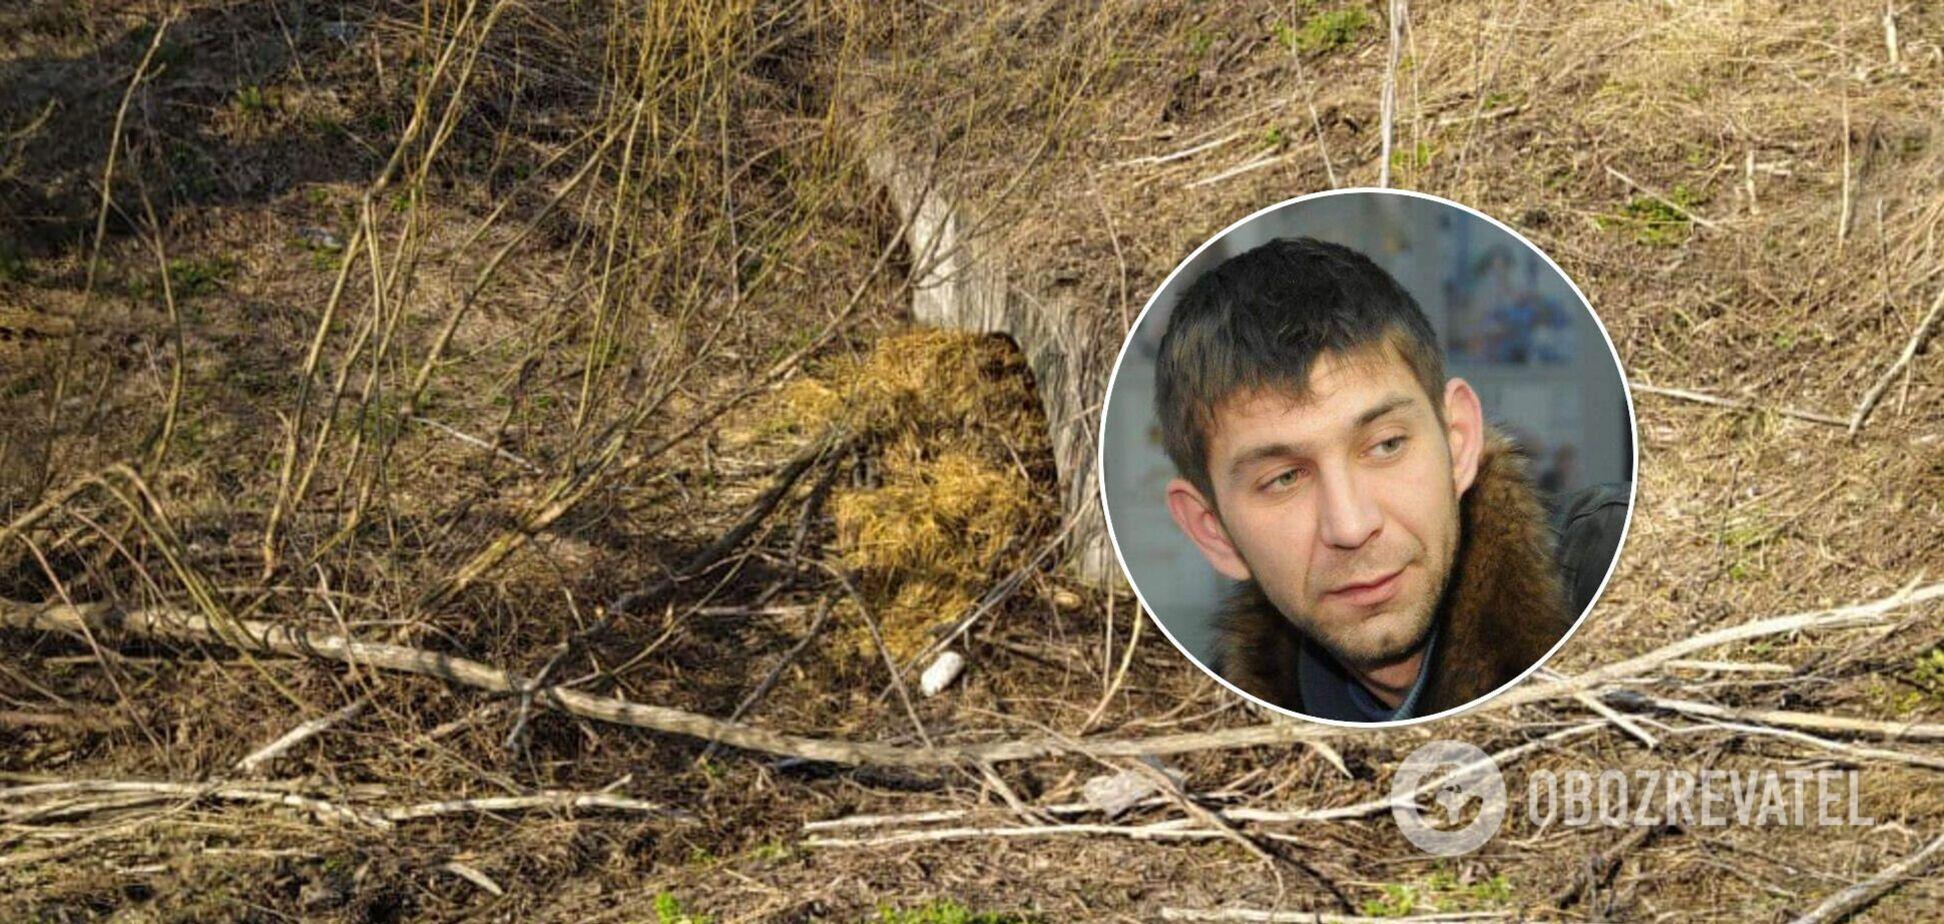 У Києві викрали й убили активіста та добровольця: поліція затримала трьох підозрюваних